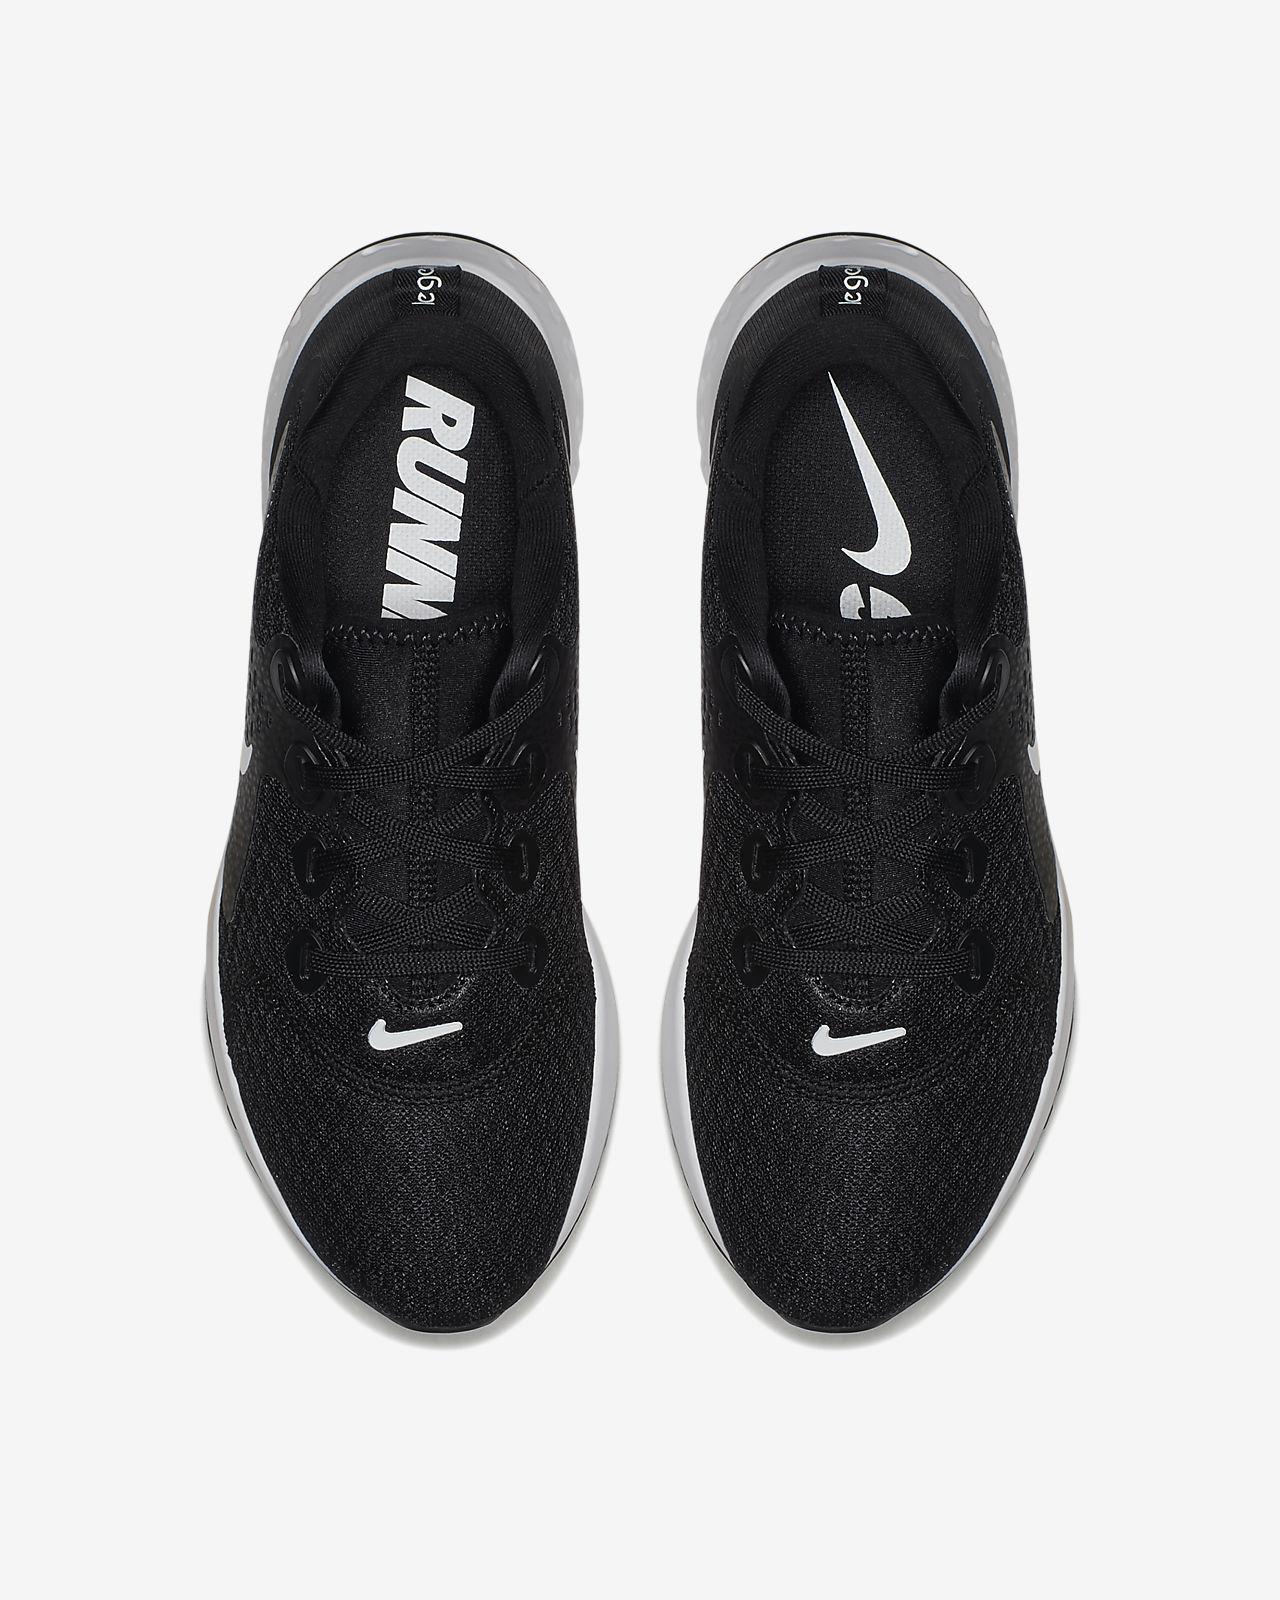 98a76371460e9 Nike Legend React Women s Running Shoe. Nike.com LU